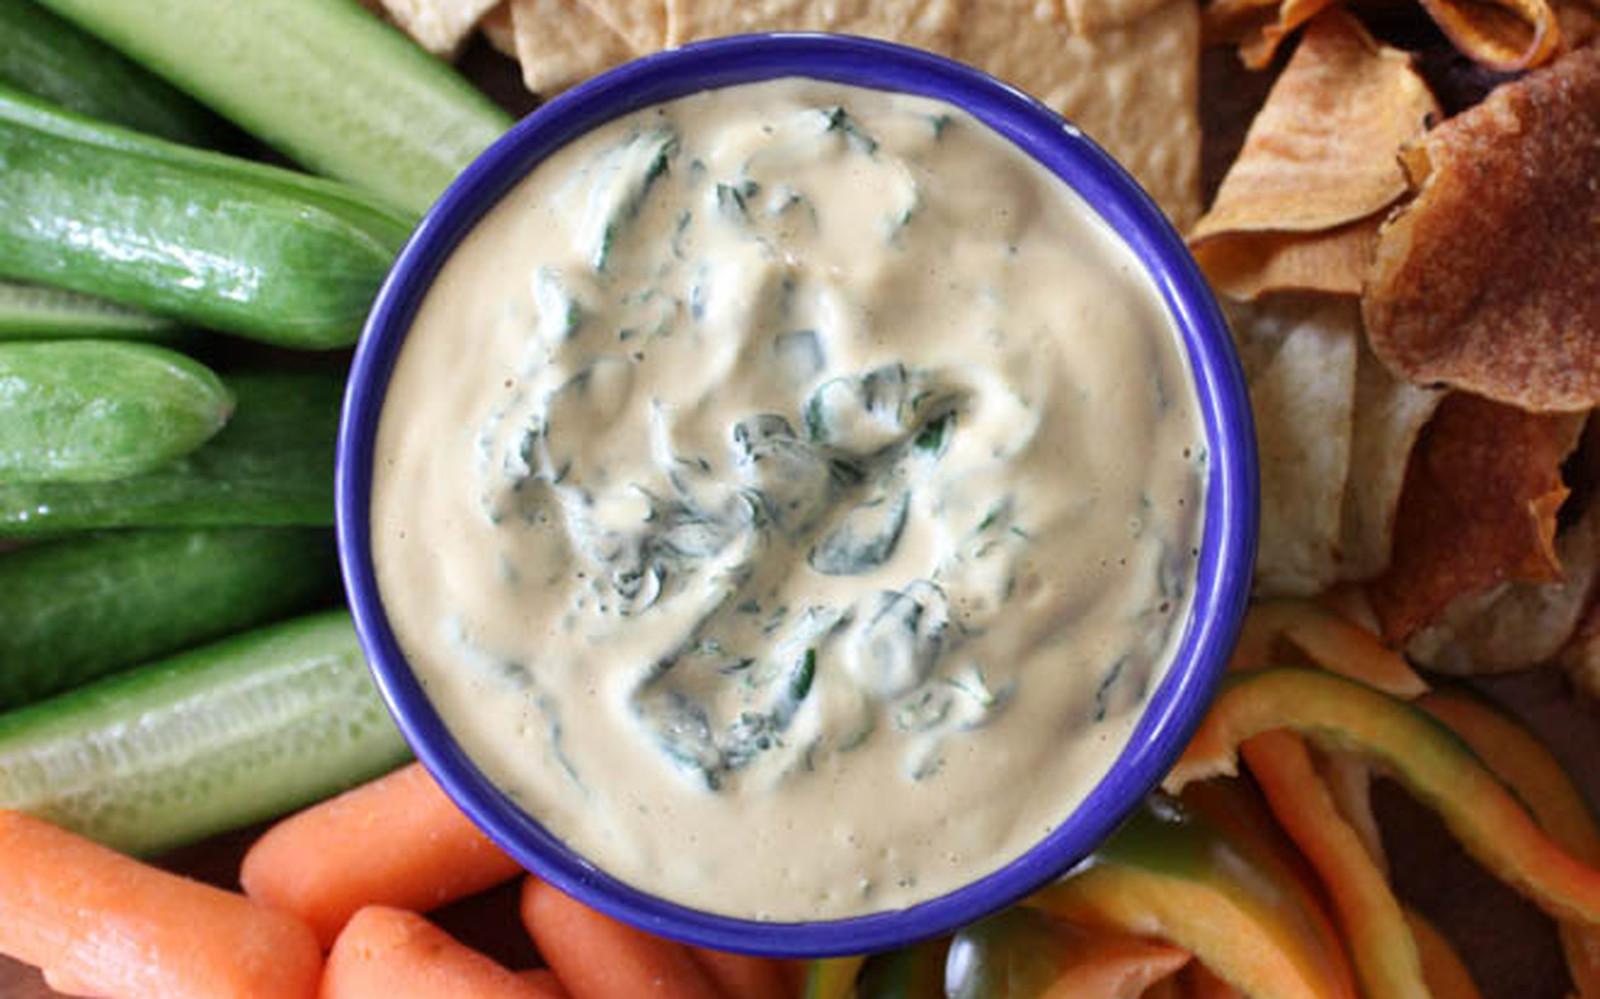 Cheesy Spinach Dip [Vegan, Gluten-Free]